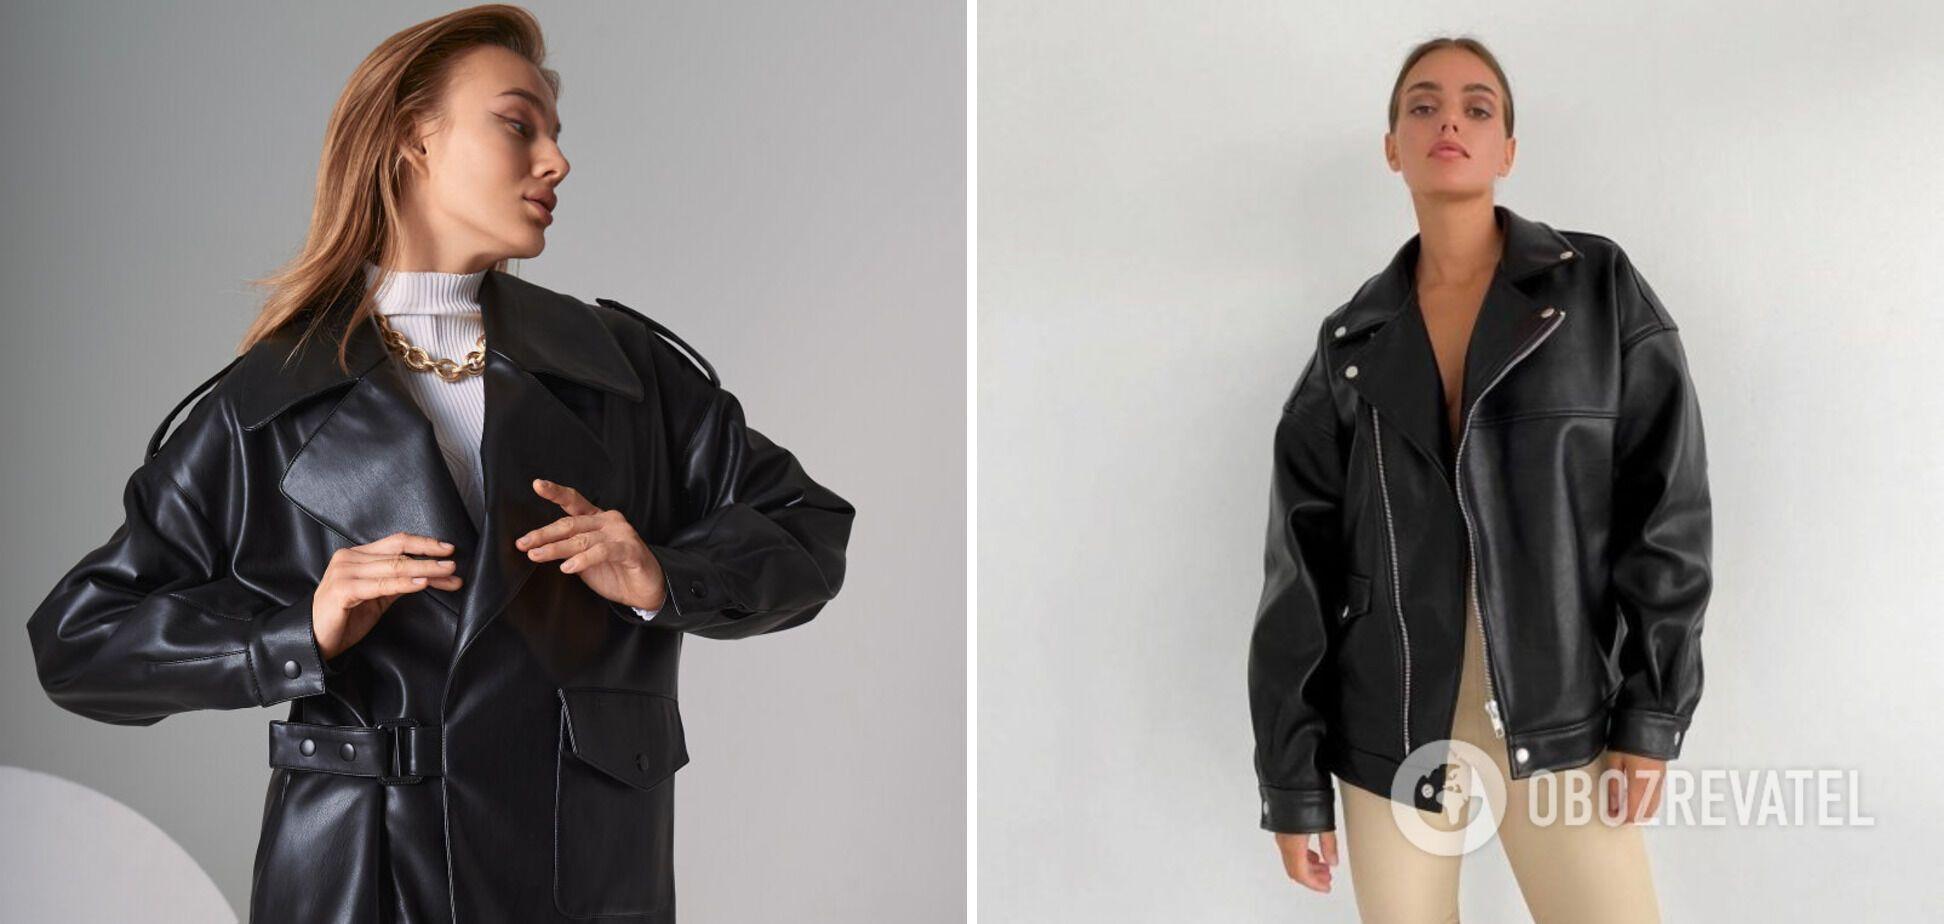 Куртка-косуха чорного кольору - незамінний атрибут демісезонного гардероба